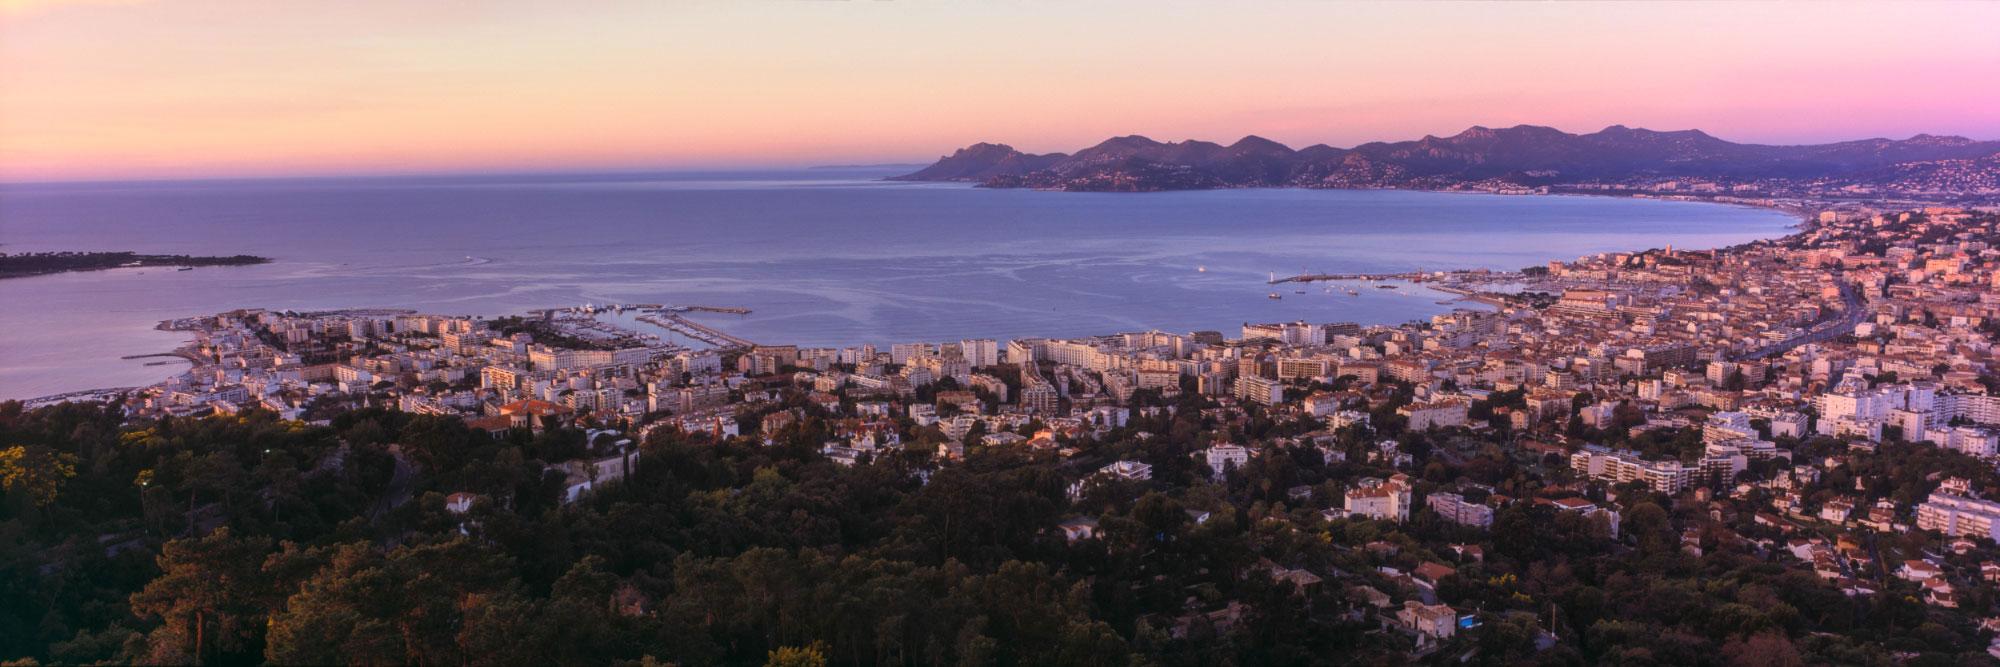 Baie de Cannes et Massif de l'Esterel, Côte d'Azur